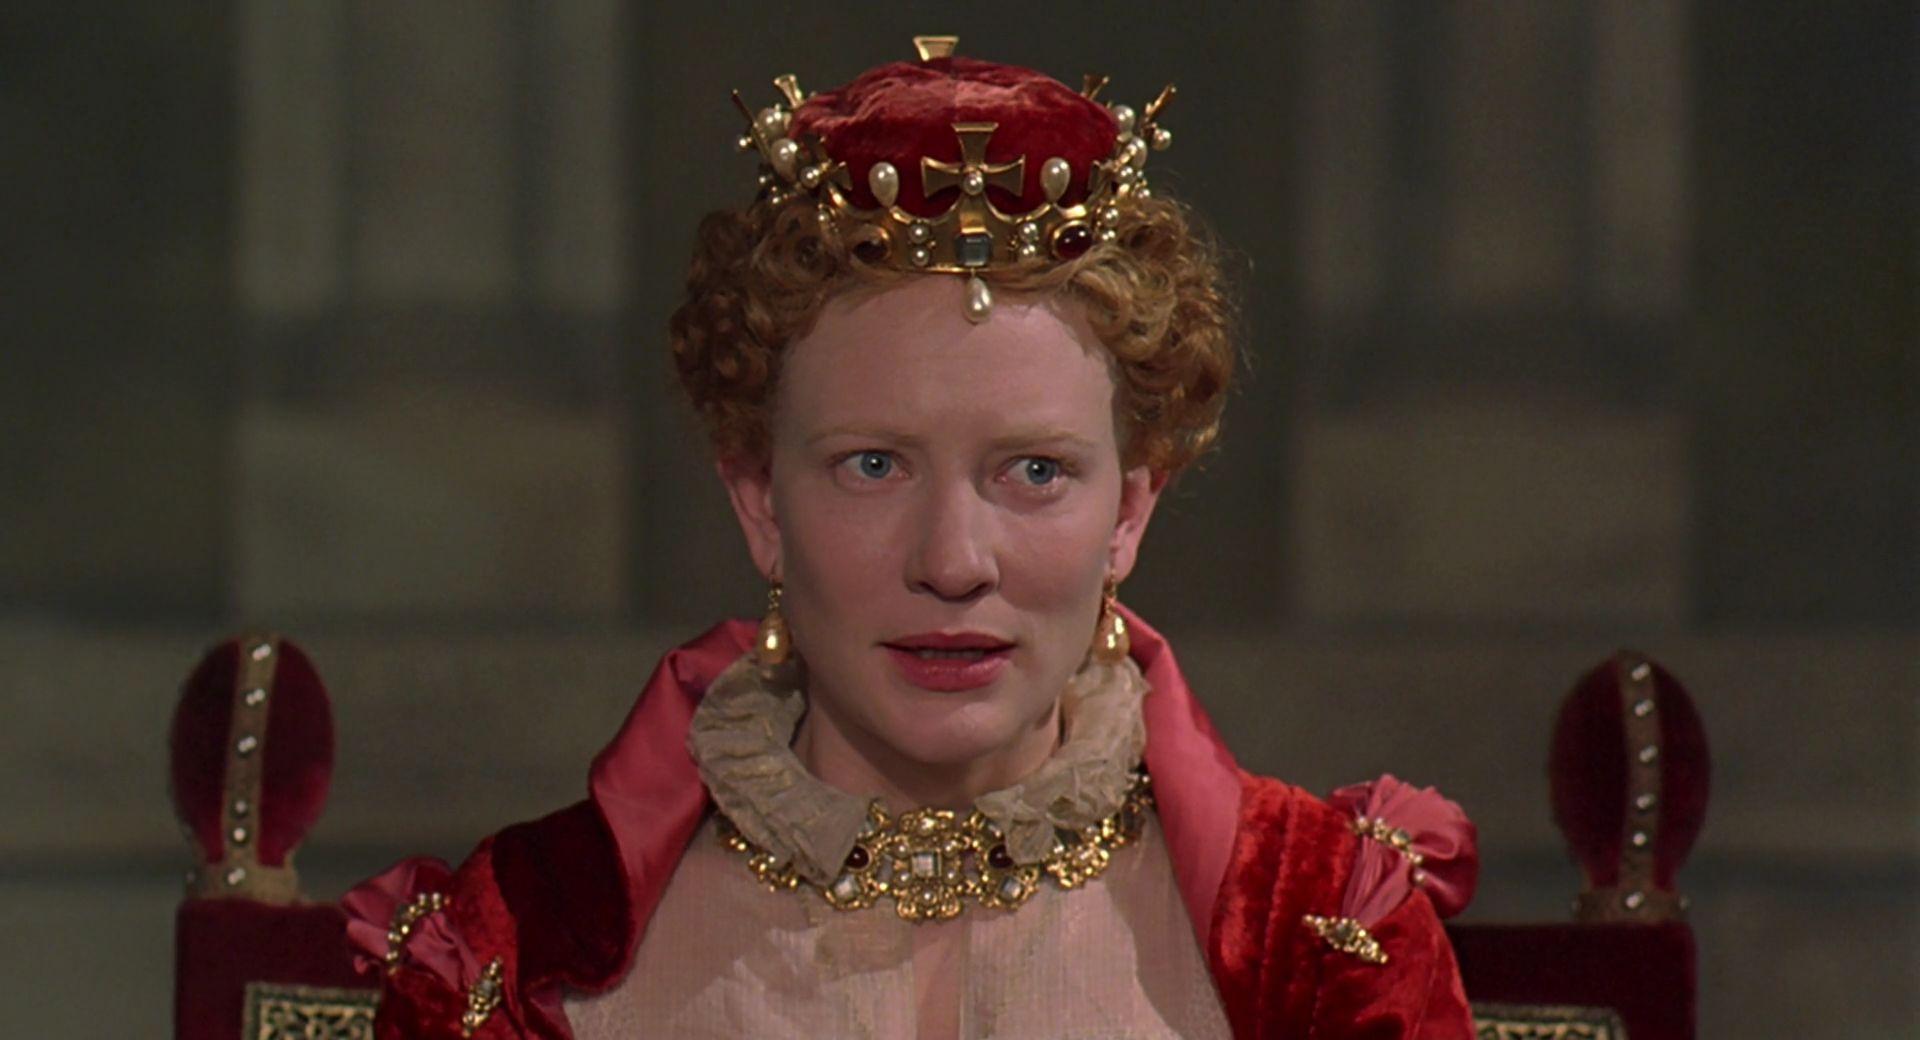 Пятницу работе королева девственница 2 считаю, что